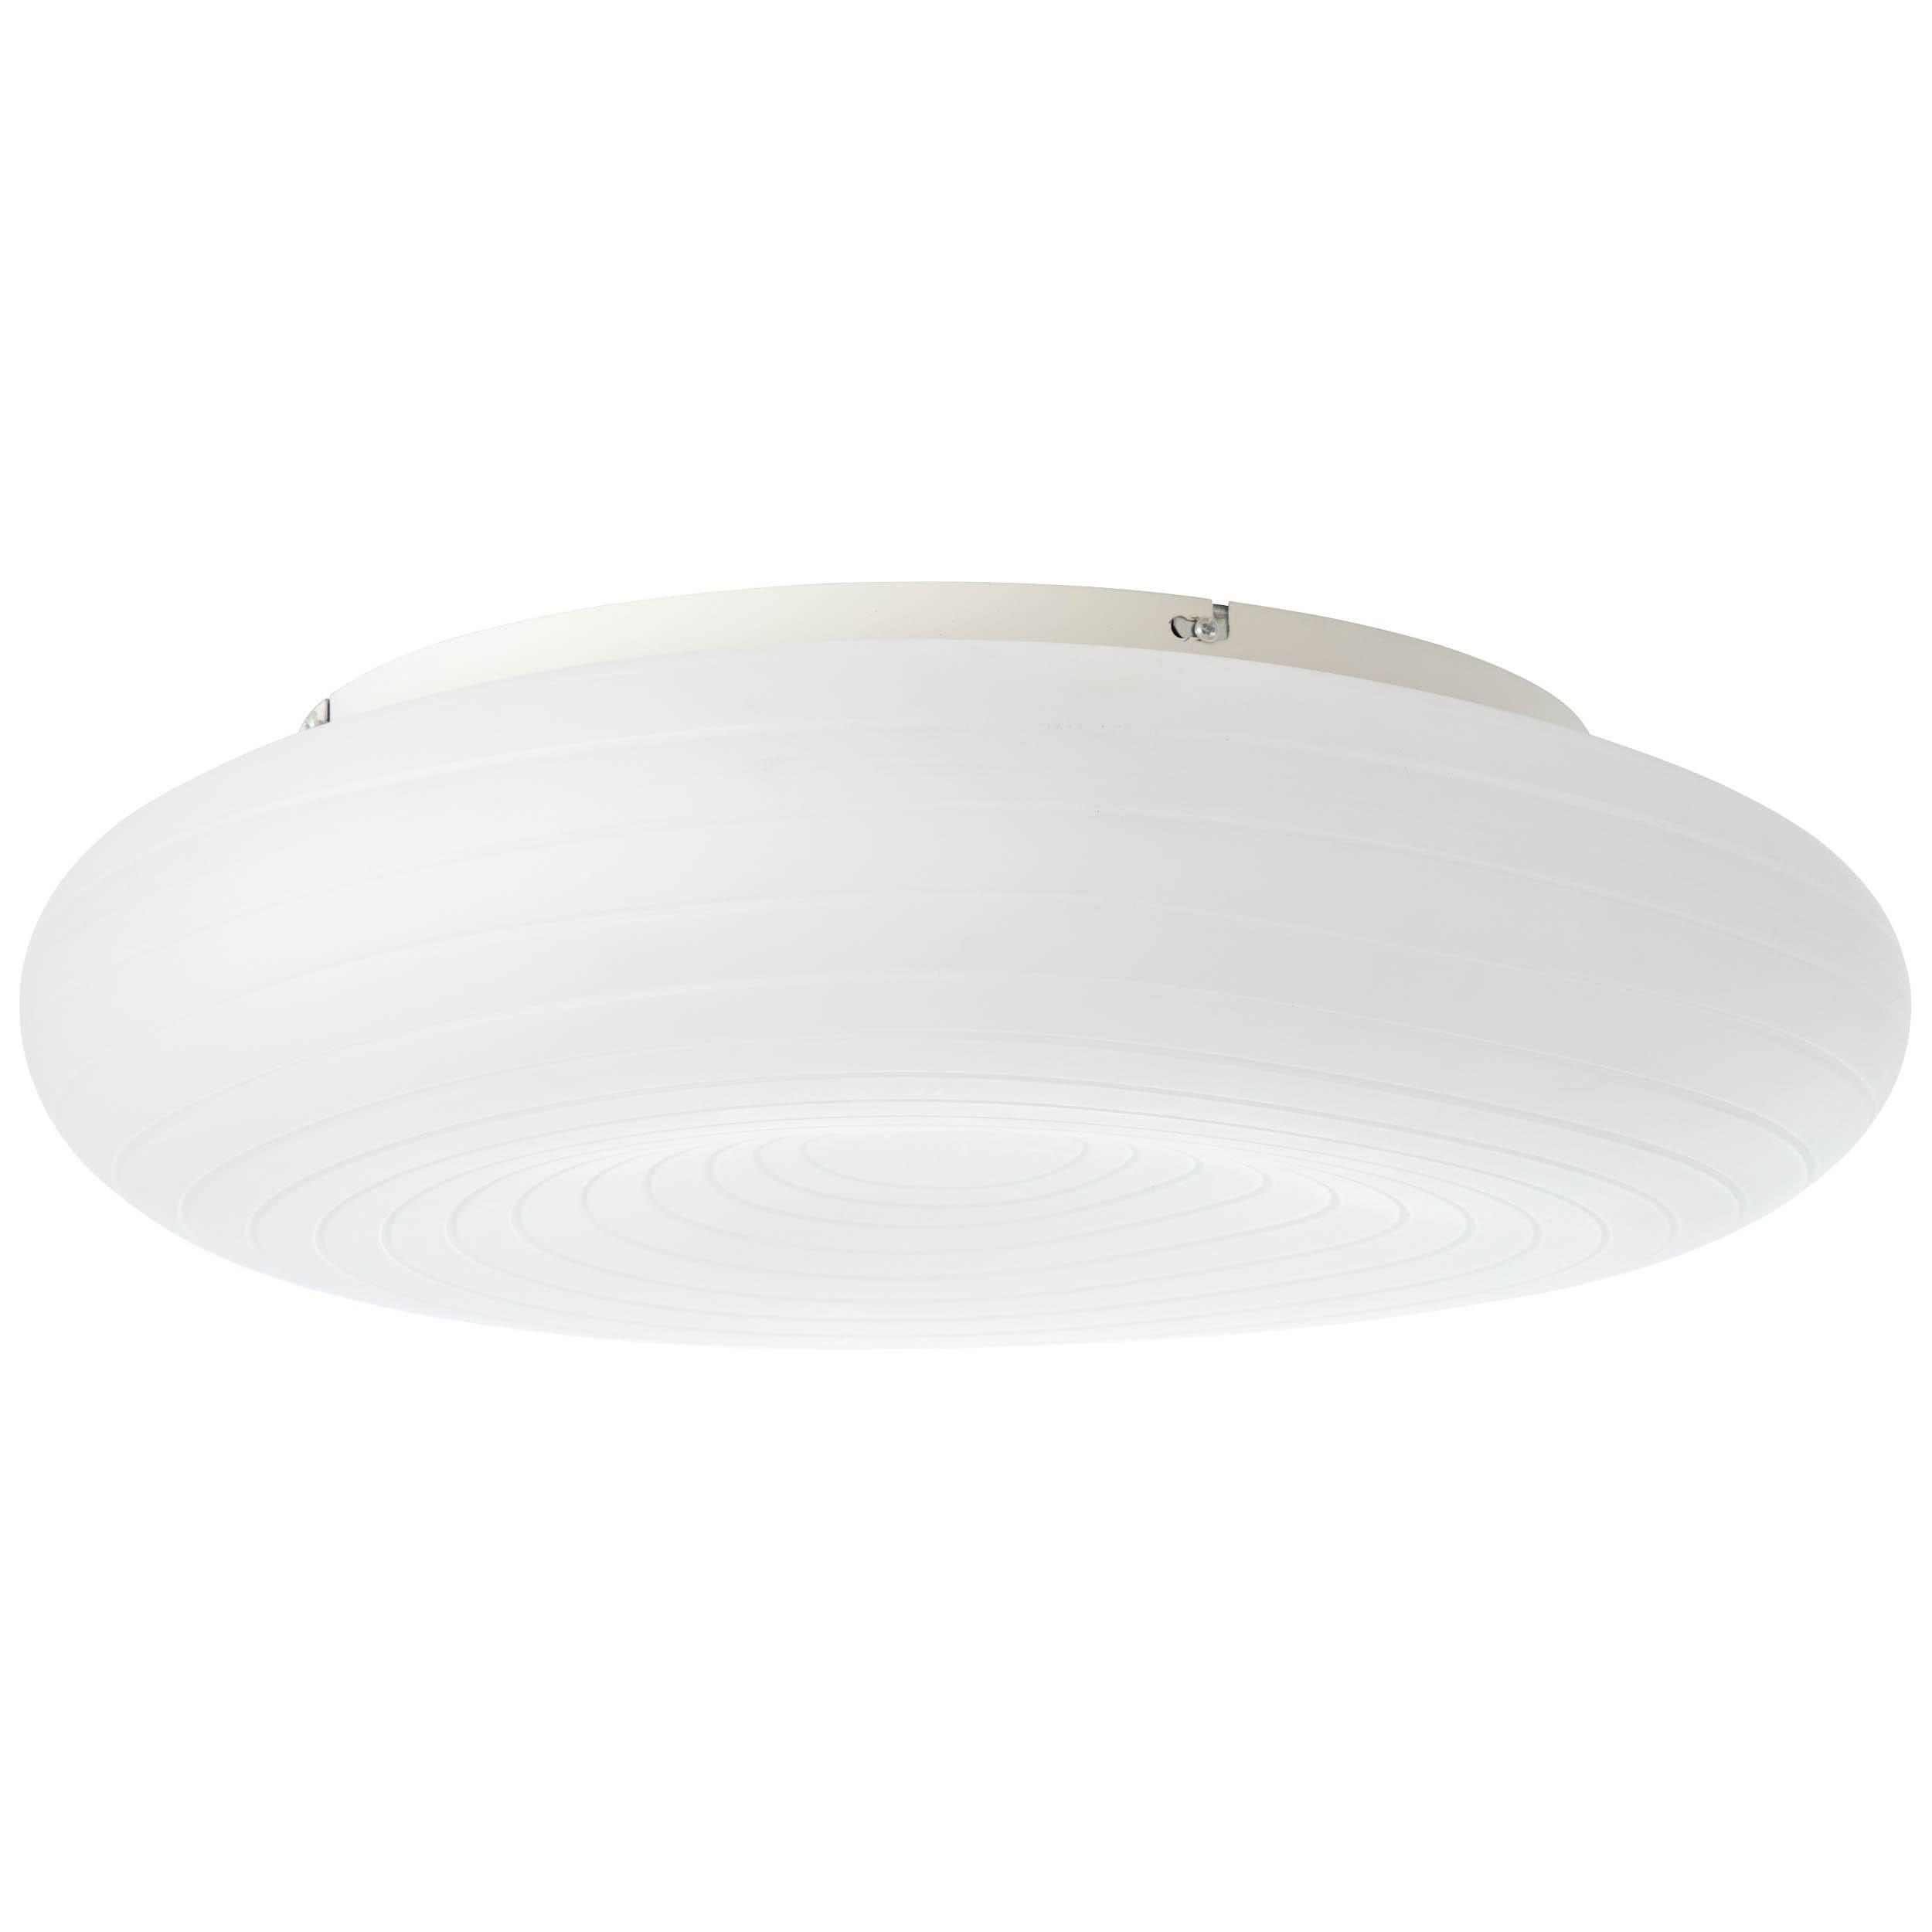 Brilliant Leuchten Pebbles LED Deckenleuchte 58cm weiß